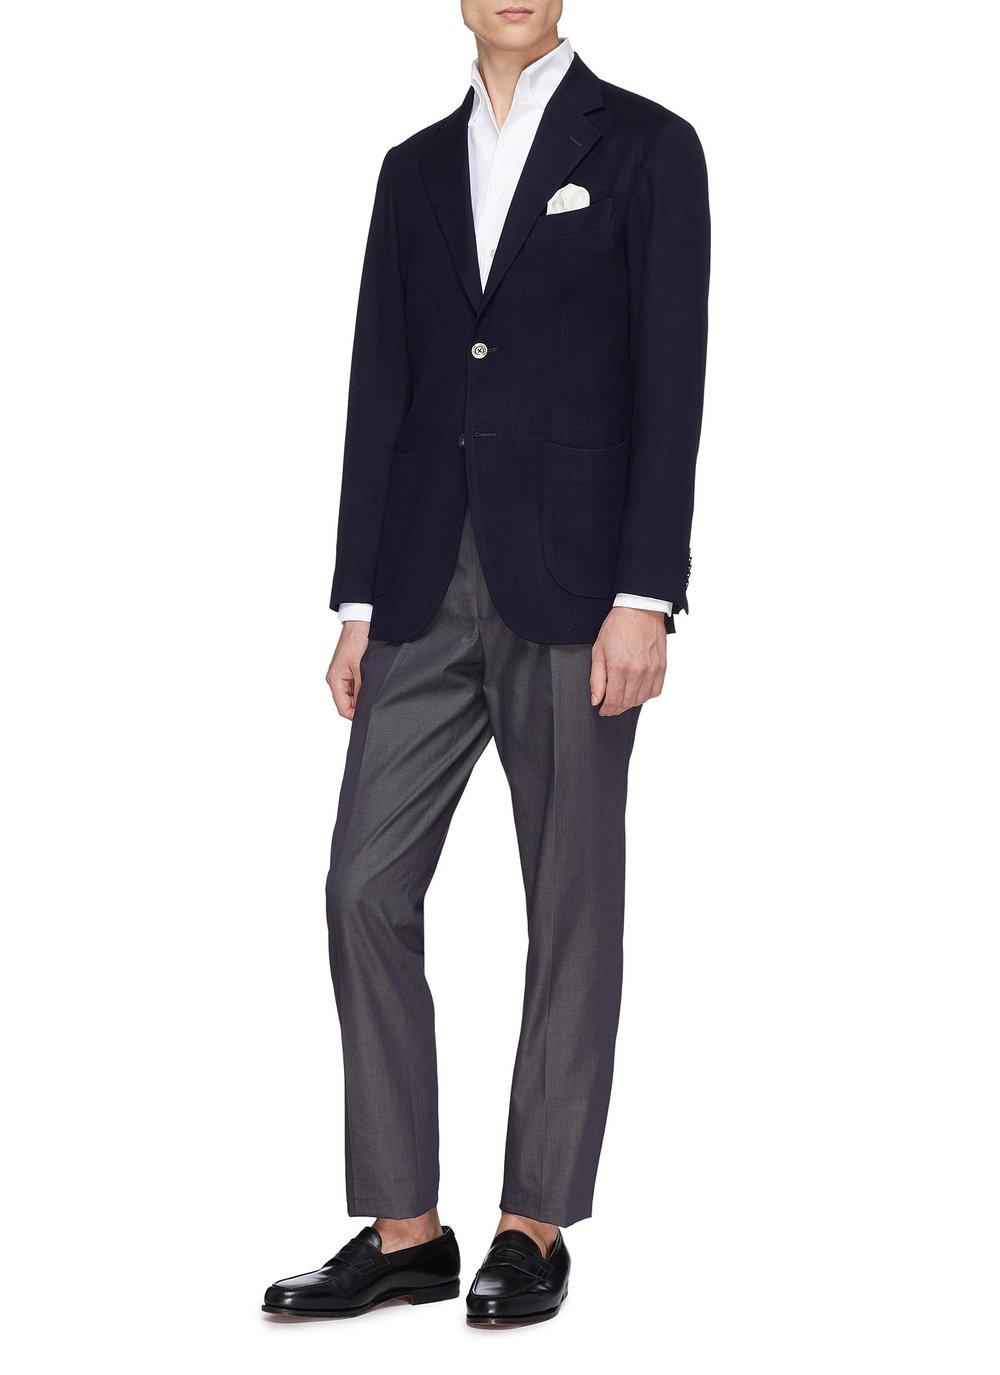 Magnus & Novus Lane Crawford - Weekend Wear.jpg